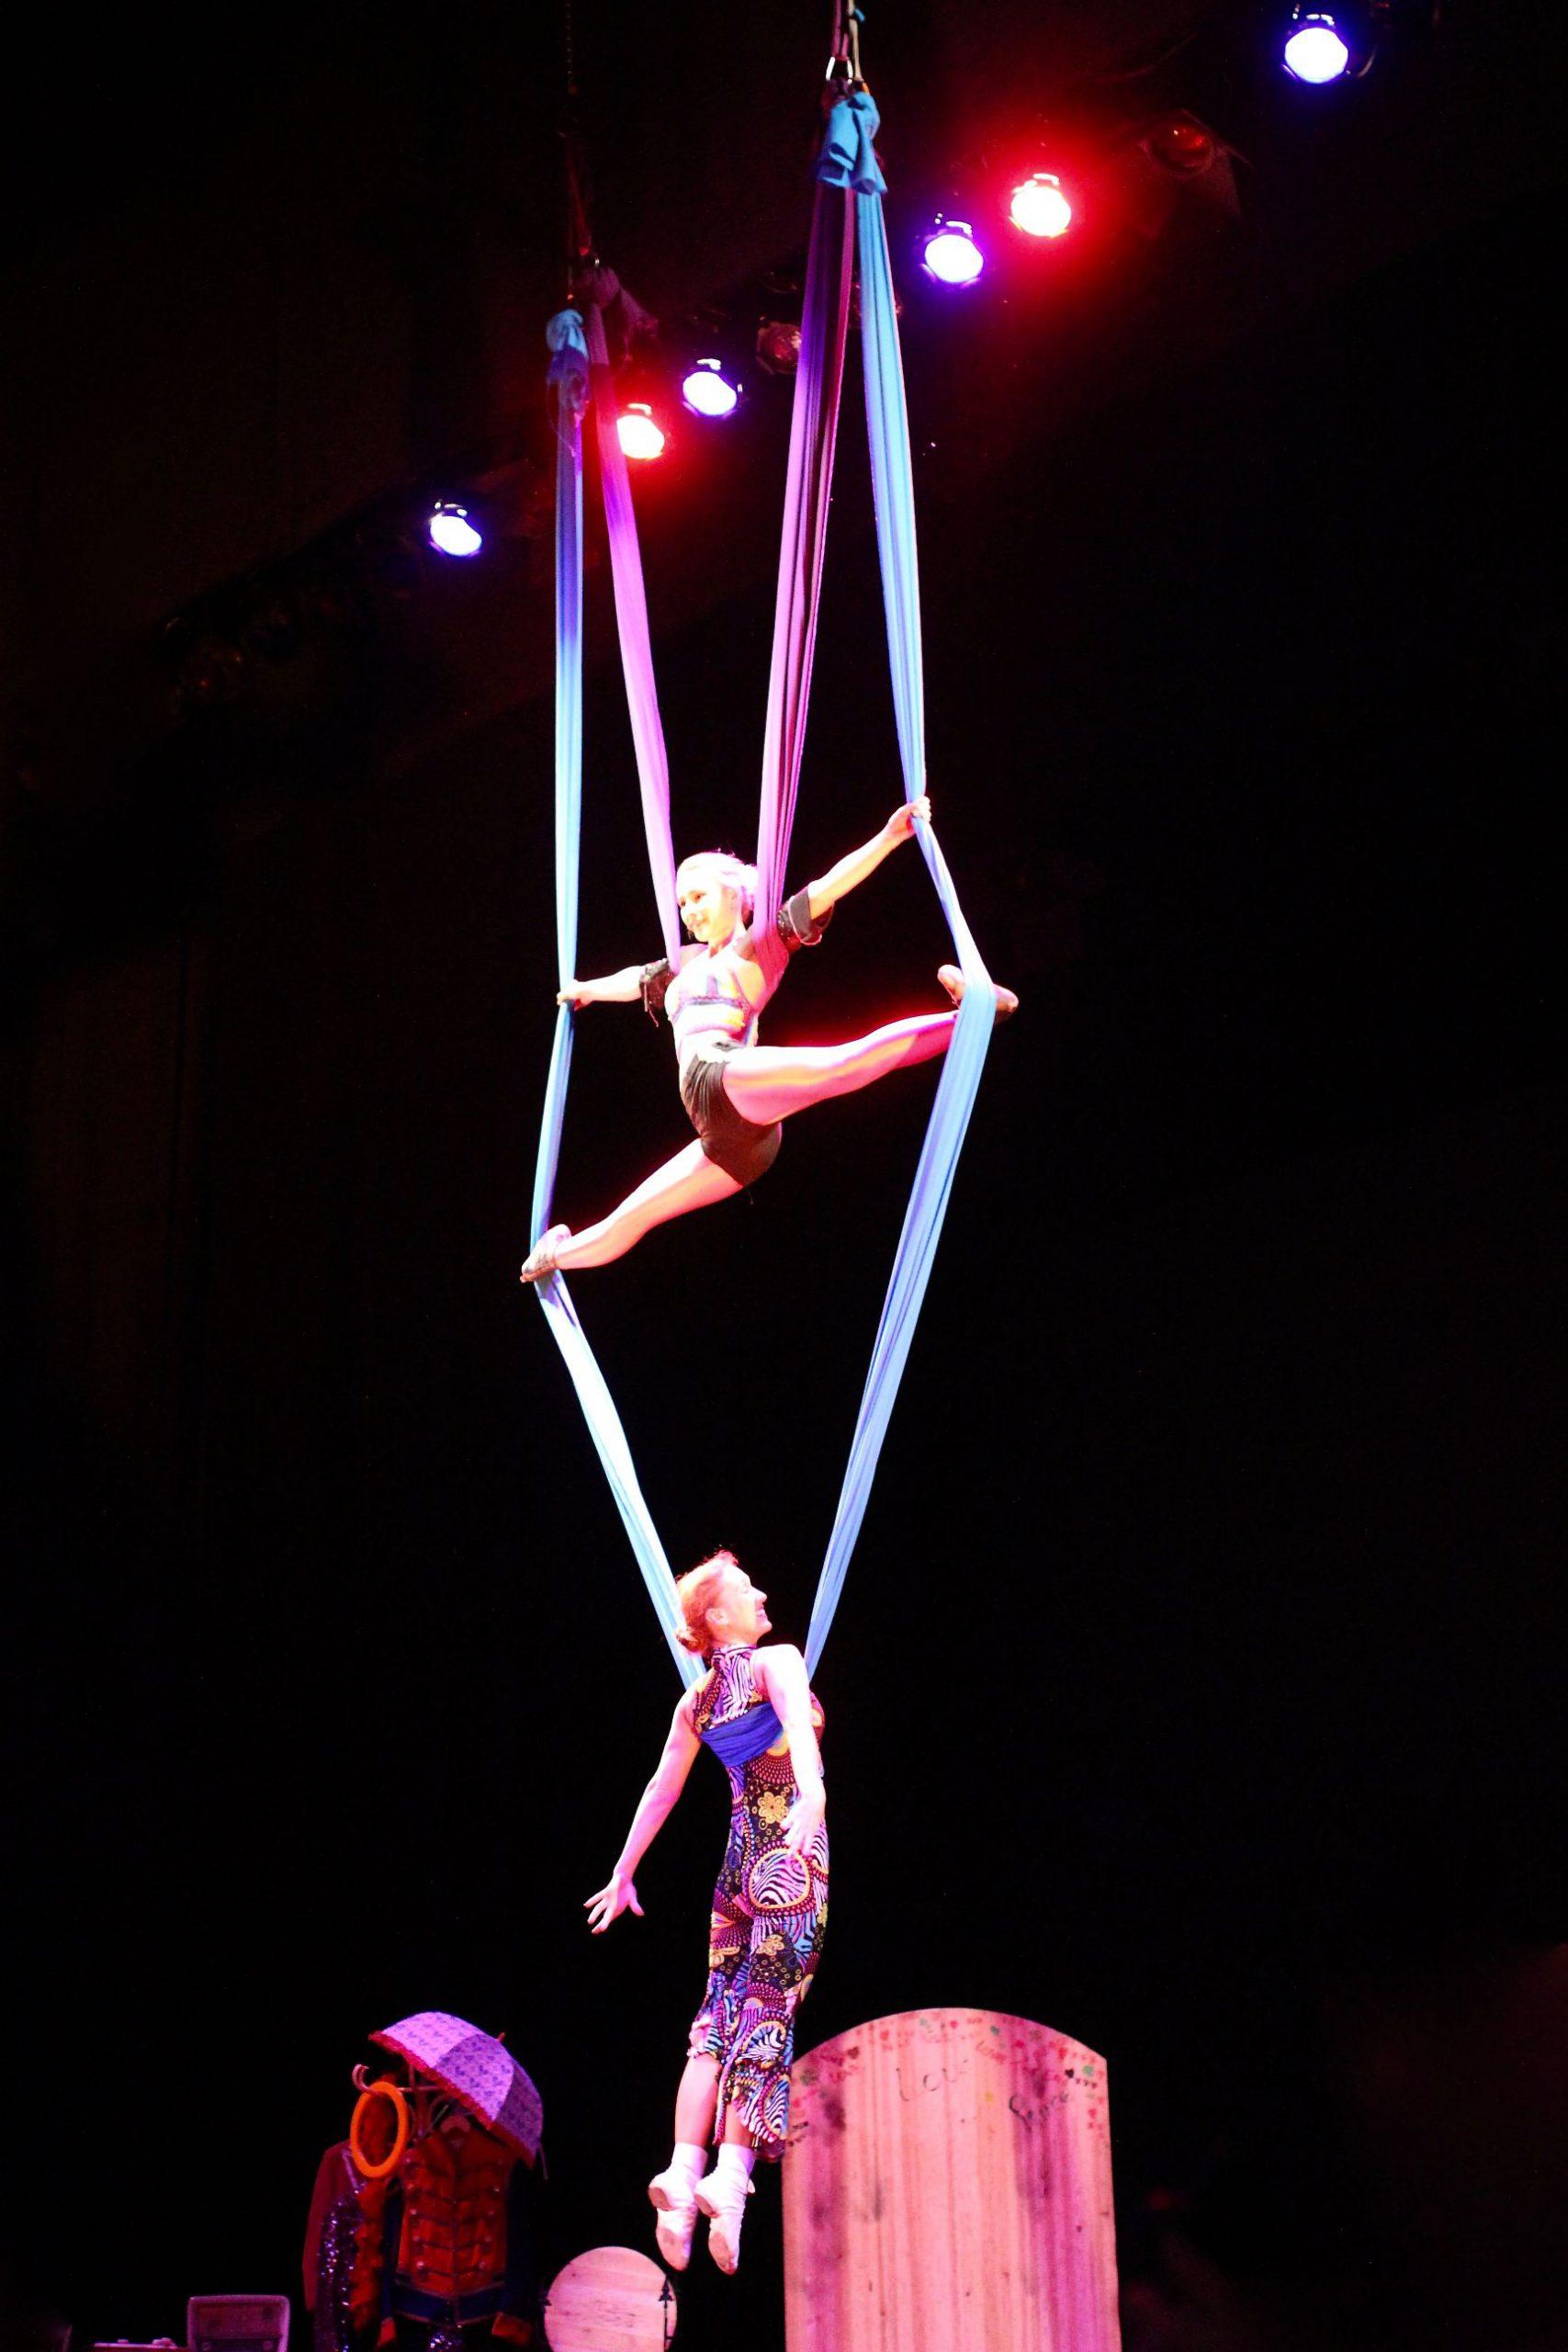 Circus in zorginstellingen